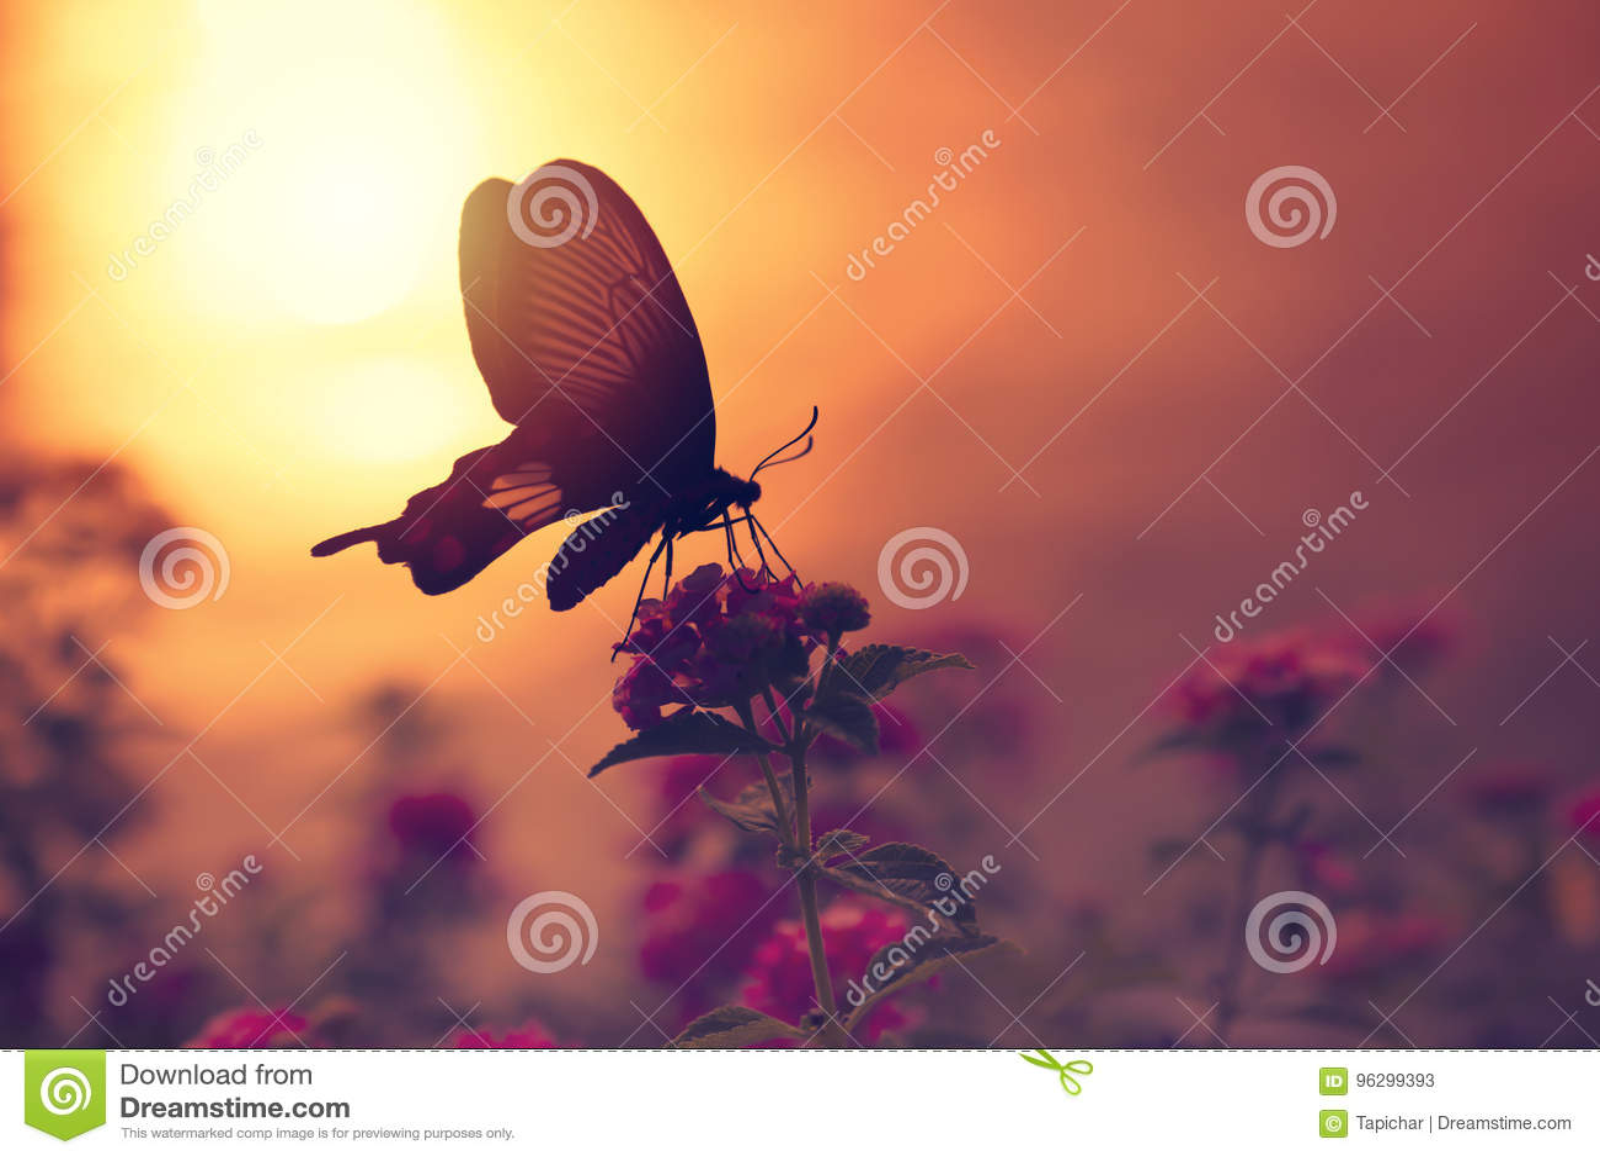 Cień motyl na kwiatach z światła słonecznego odbiciem od wata